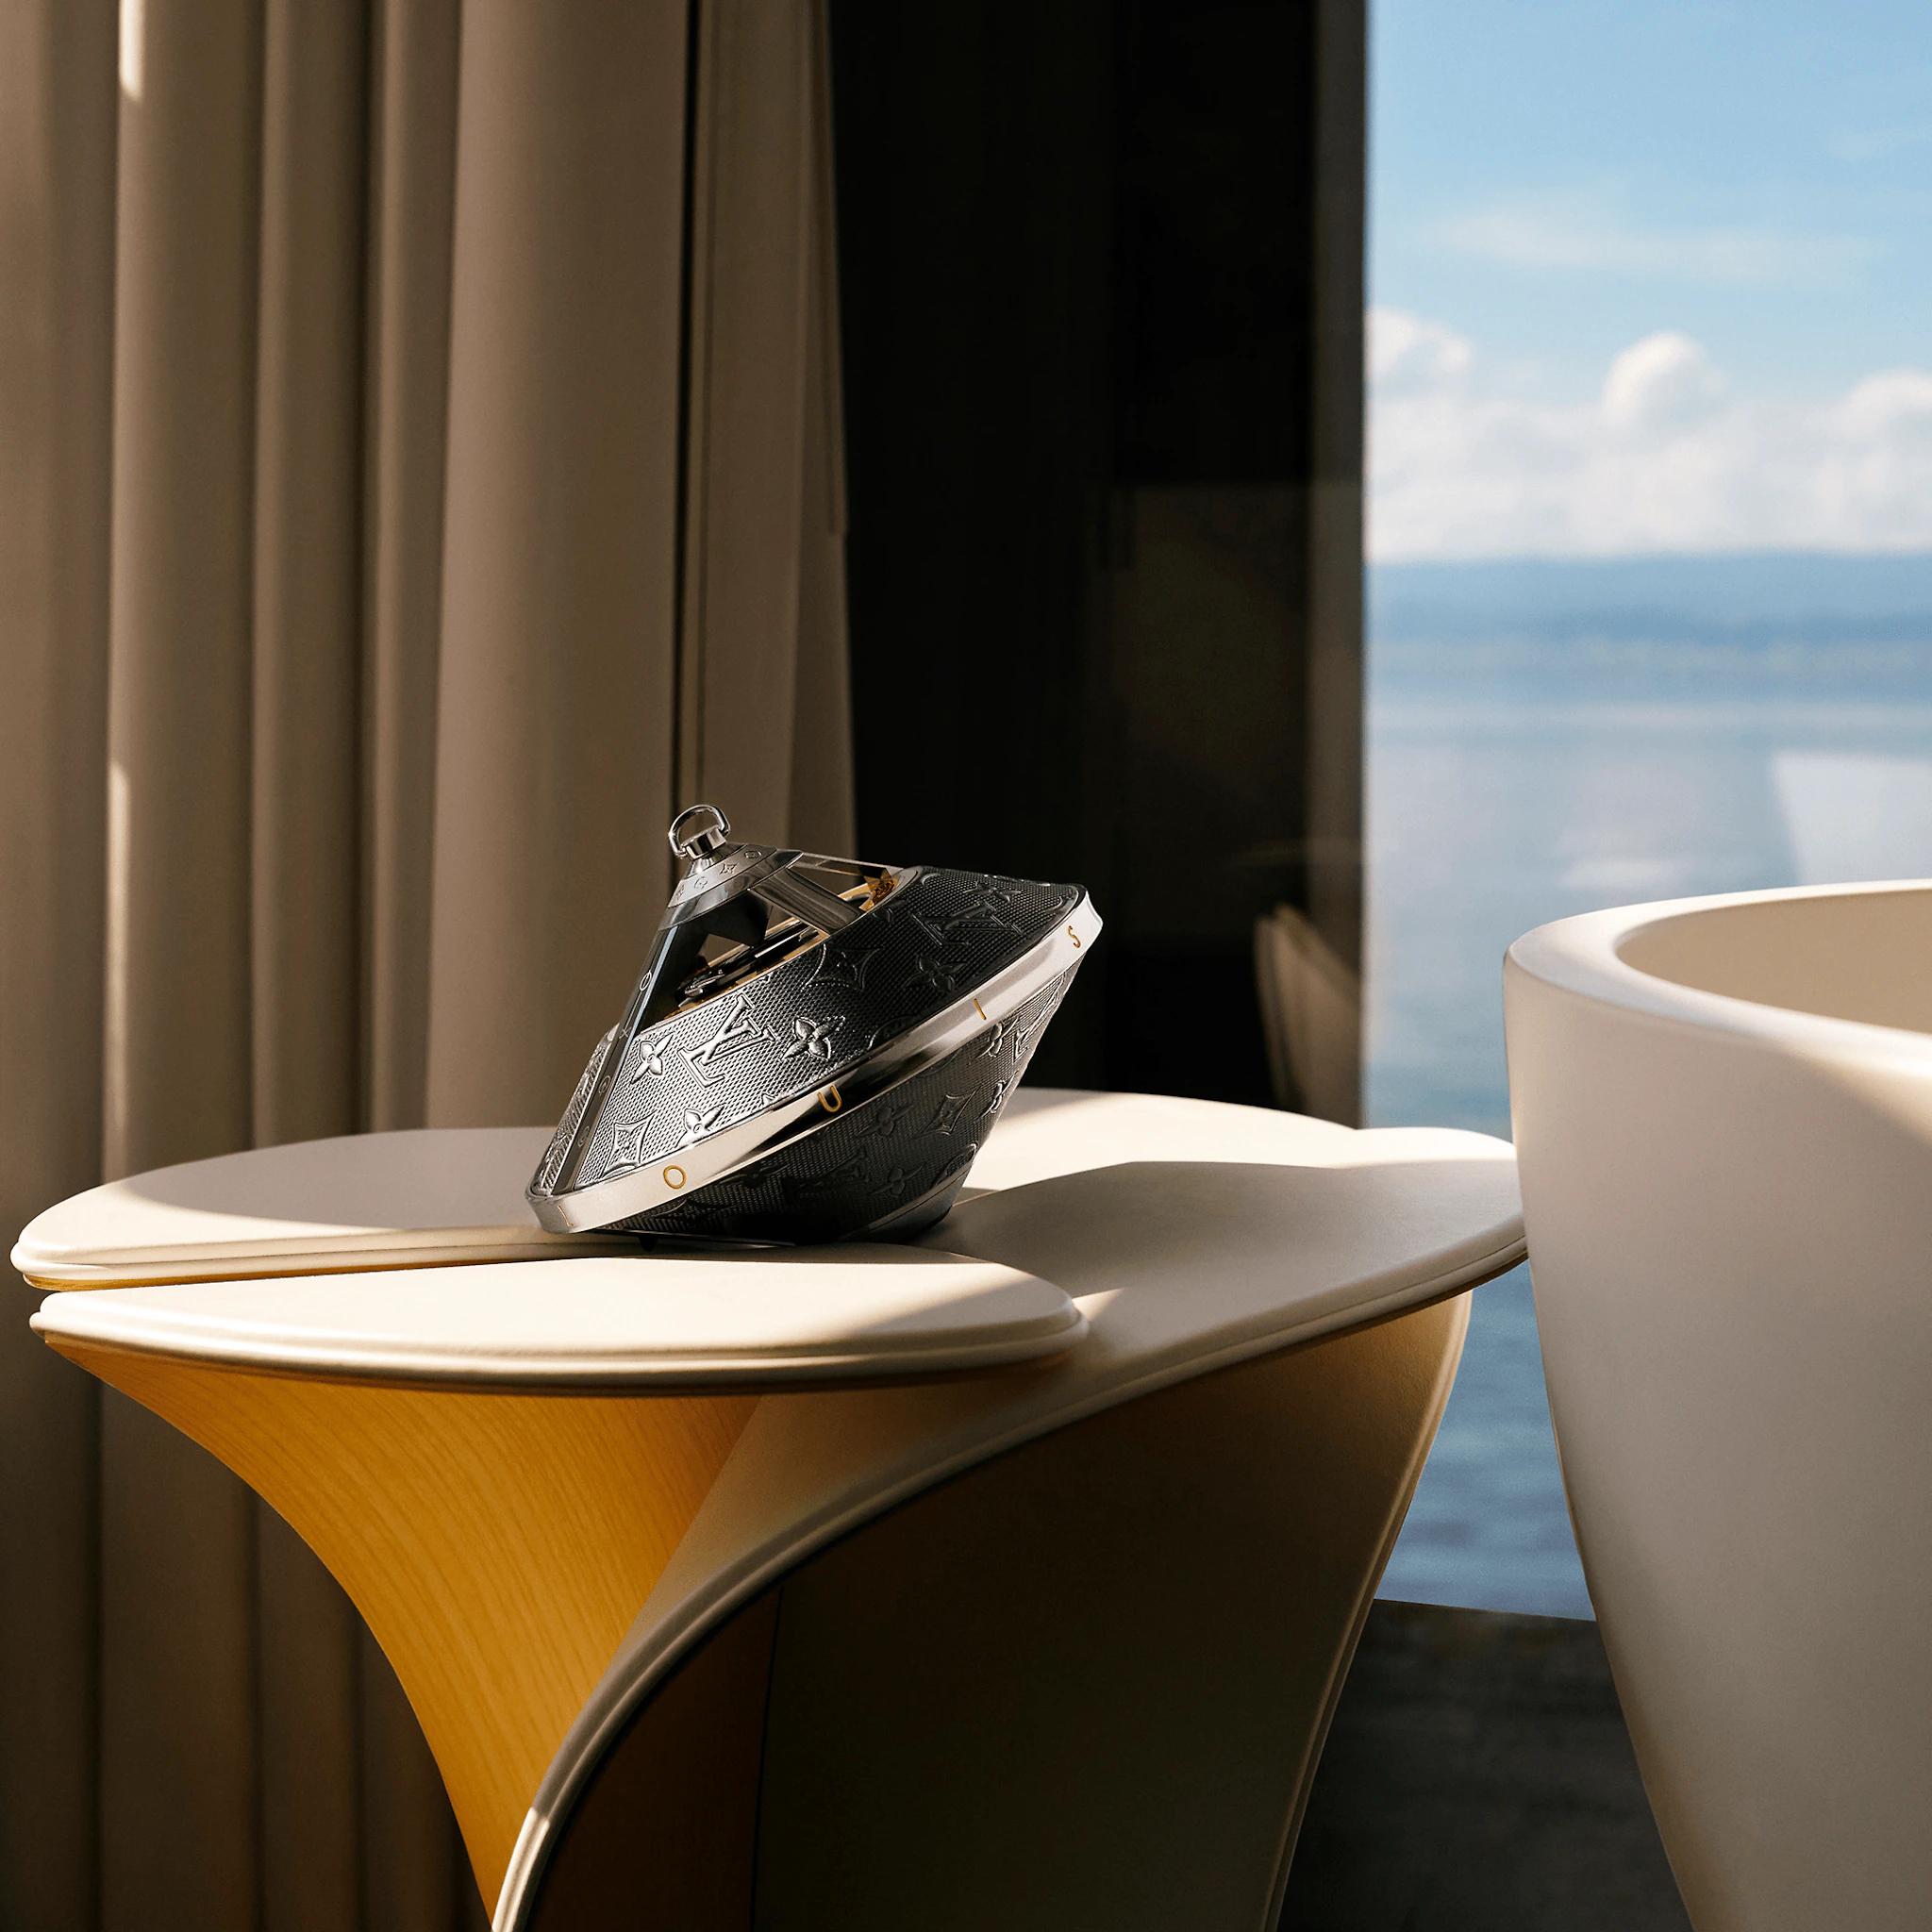 Louis Vuitton Horizon Light Up: l'esperienza musicale per eccellenza incontra il design